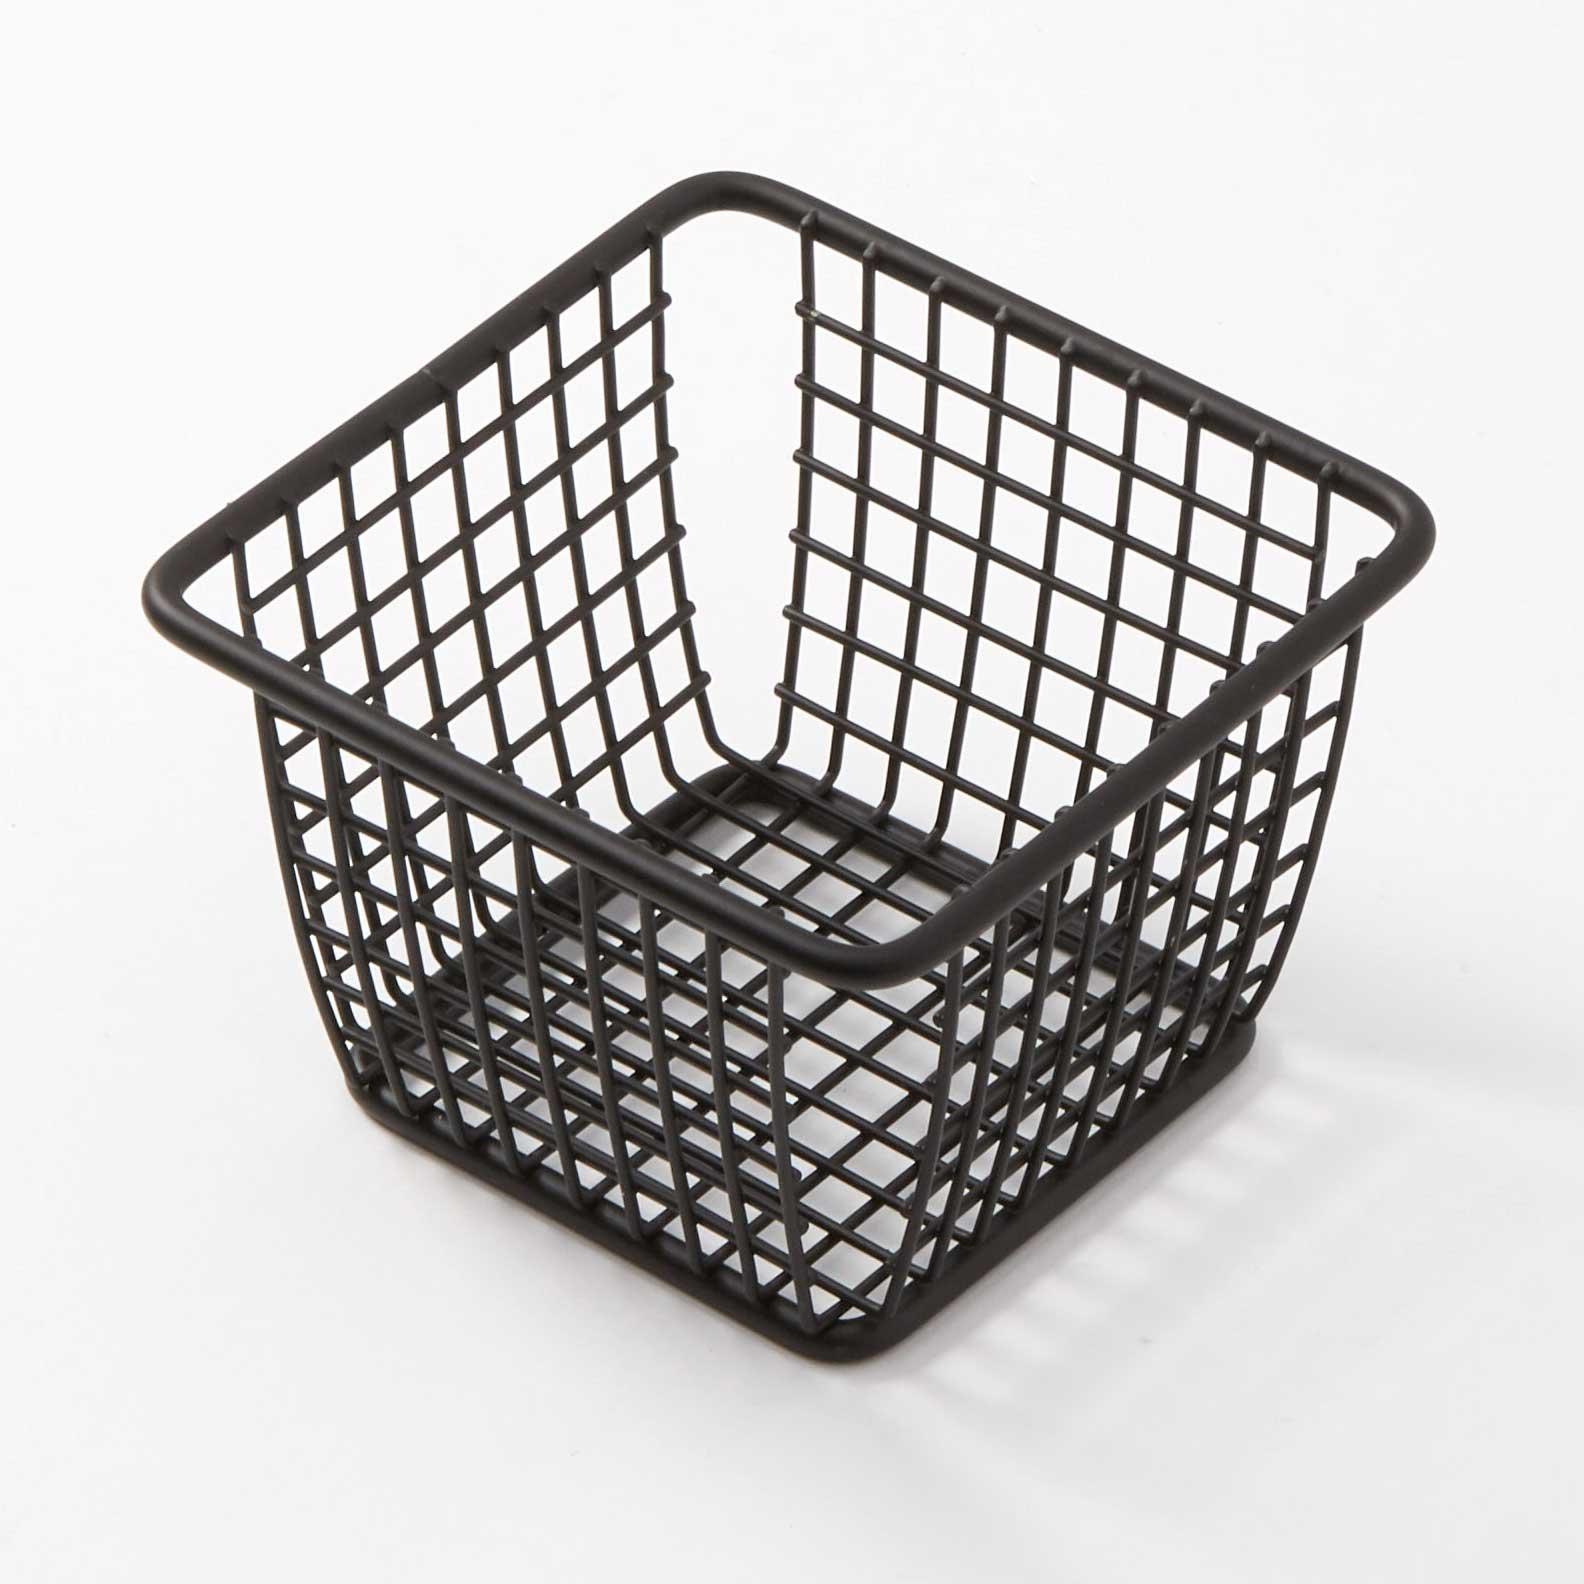 American Metalcraft FBBS44 basket, tabletop, metal